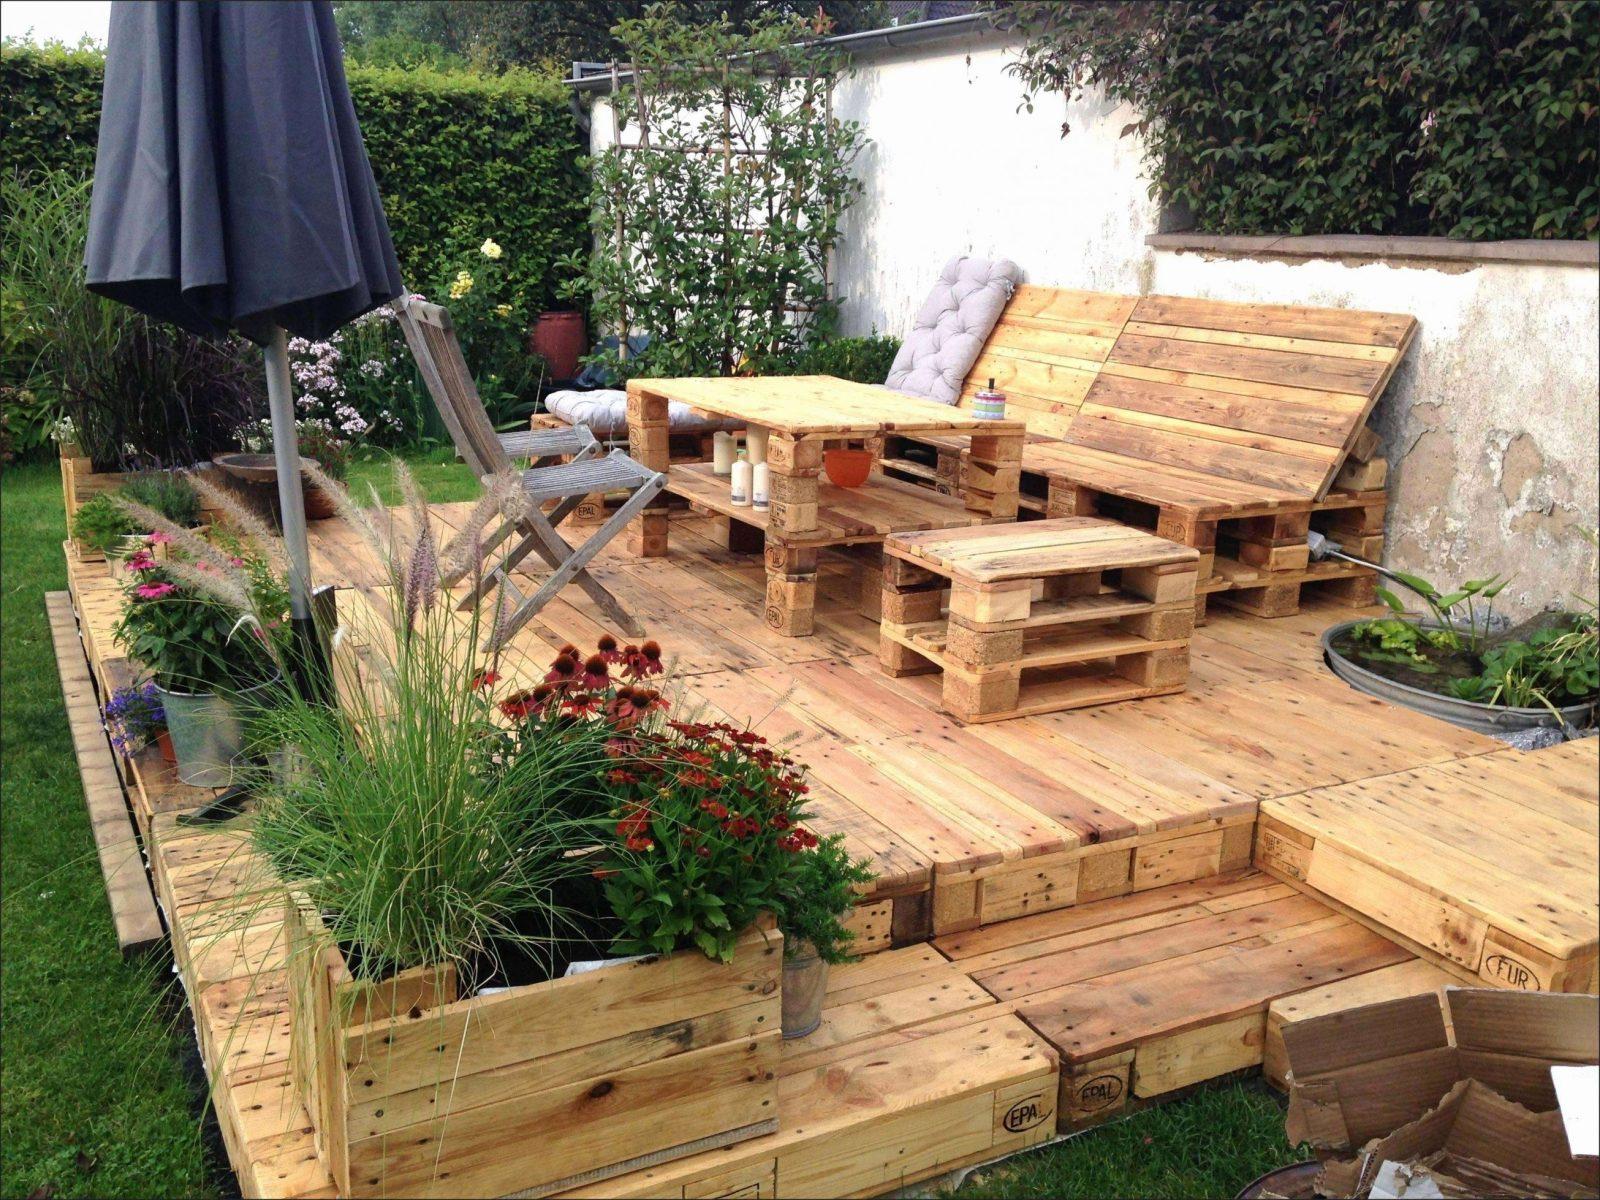 Garten Sitzecke Das Beste Von 30 Luxus Sitzecke Garten  Garten Gallerie von Sitzecken Im Garten Bilder Photo